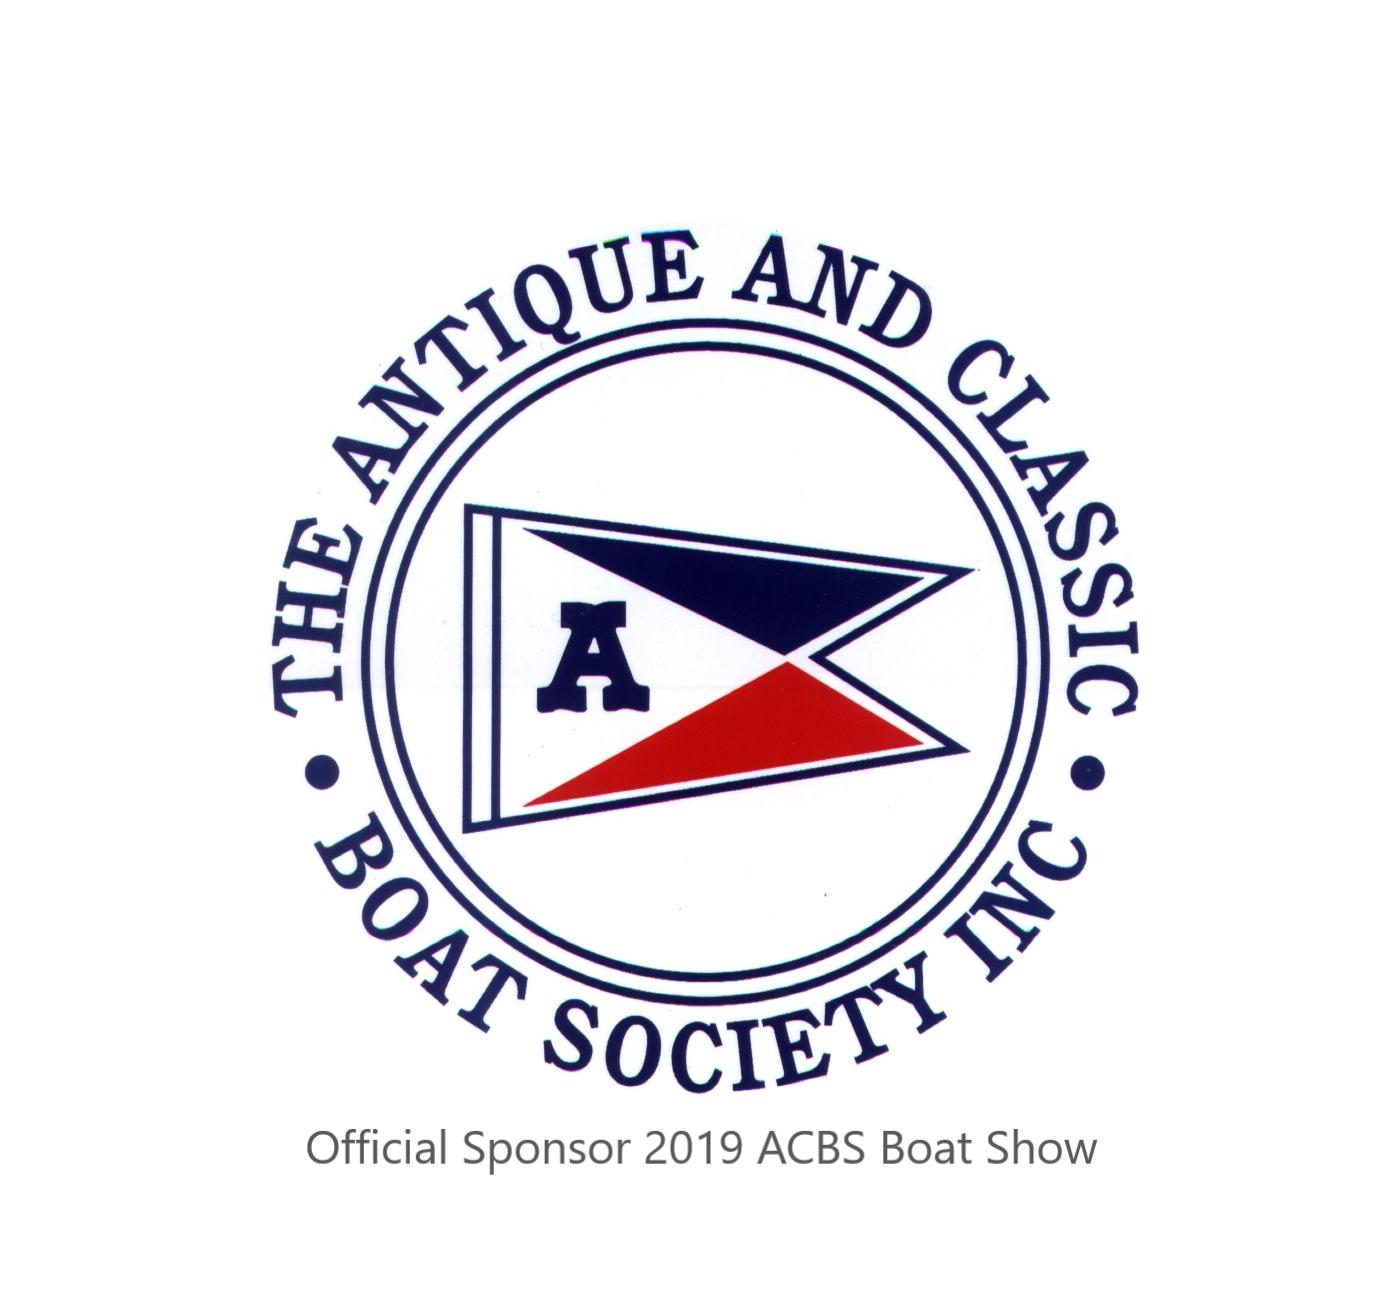 Acbs.logo.sponsor.jpg.png